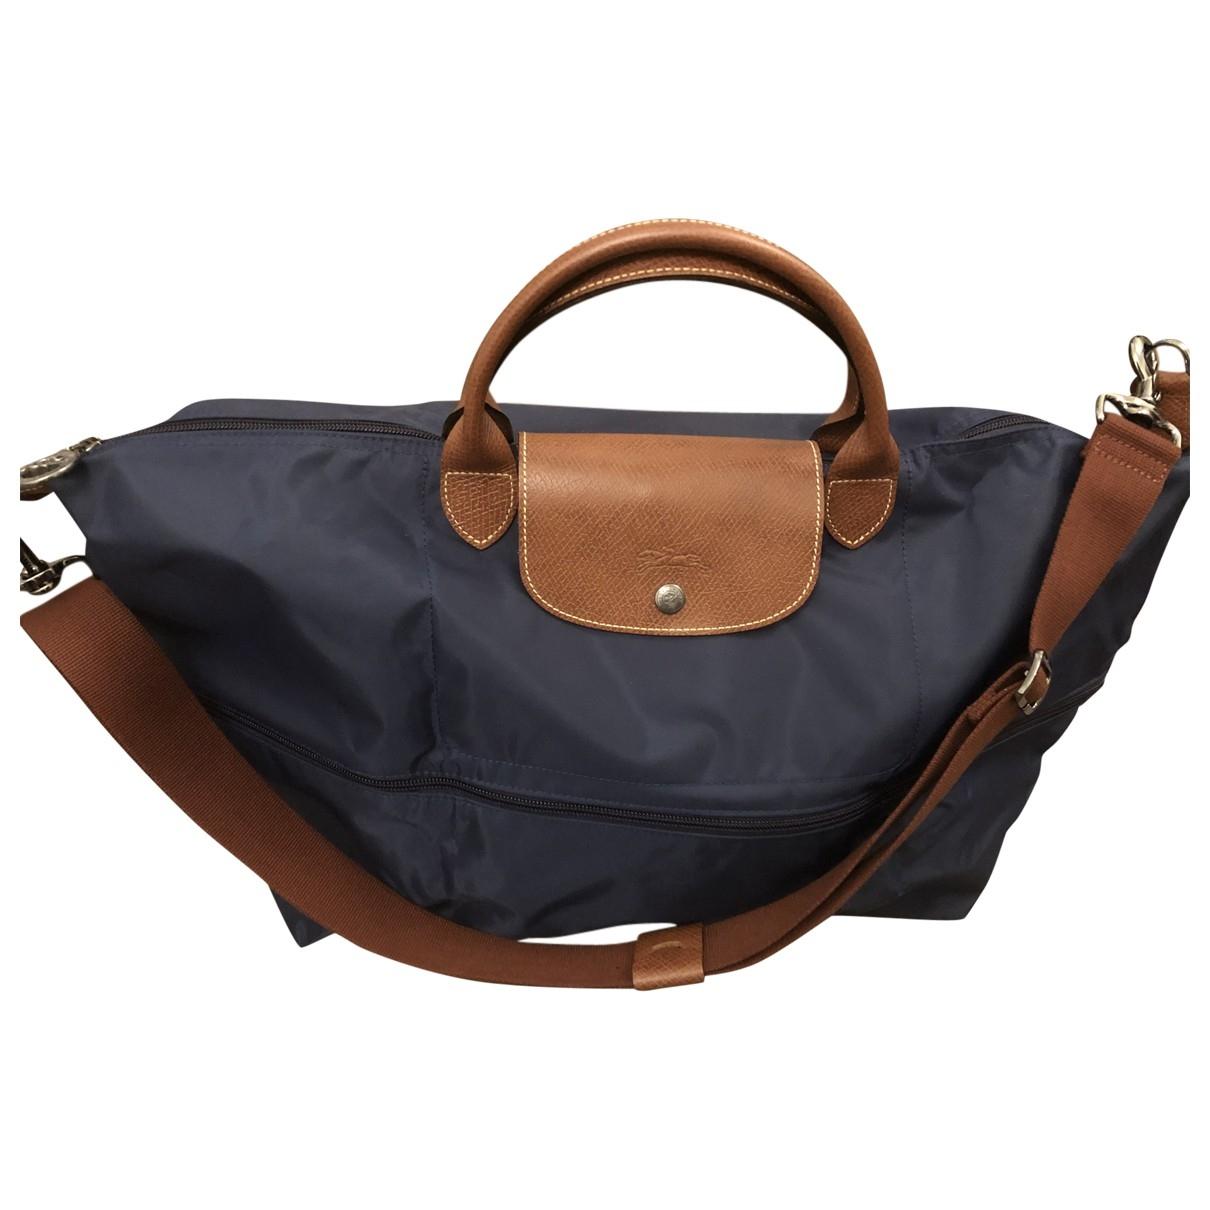 Longchamp - Sac de voyage Pliage  pour femme - marine